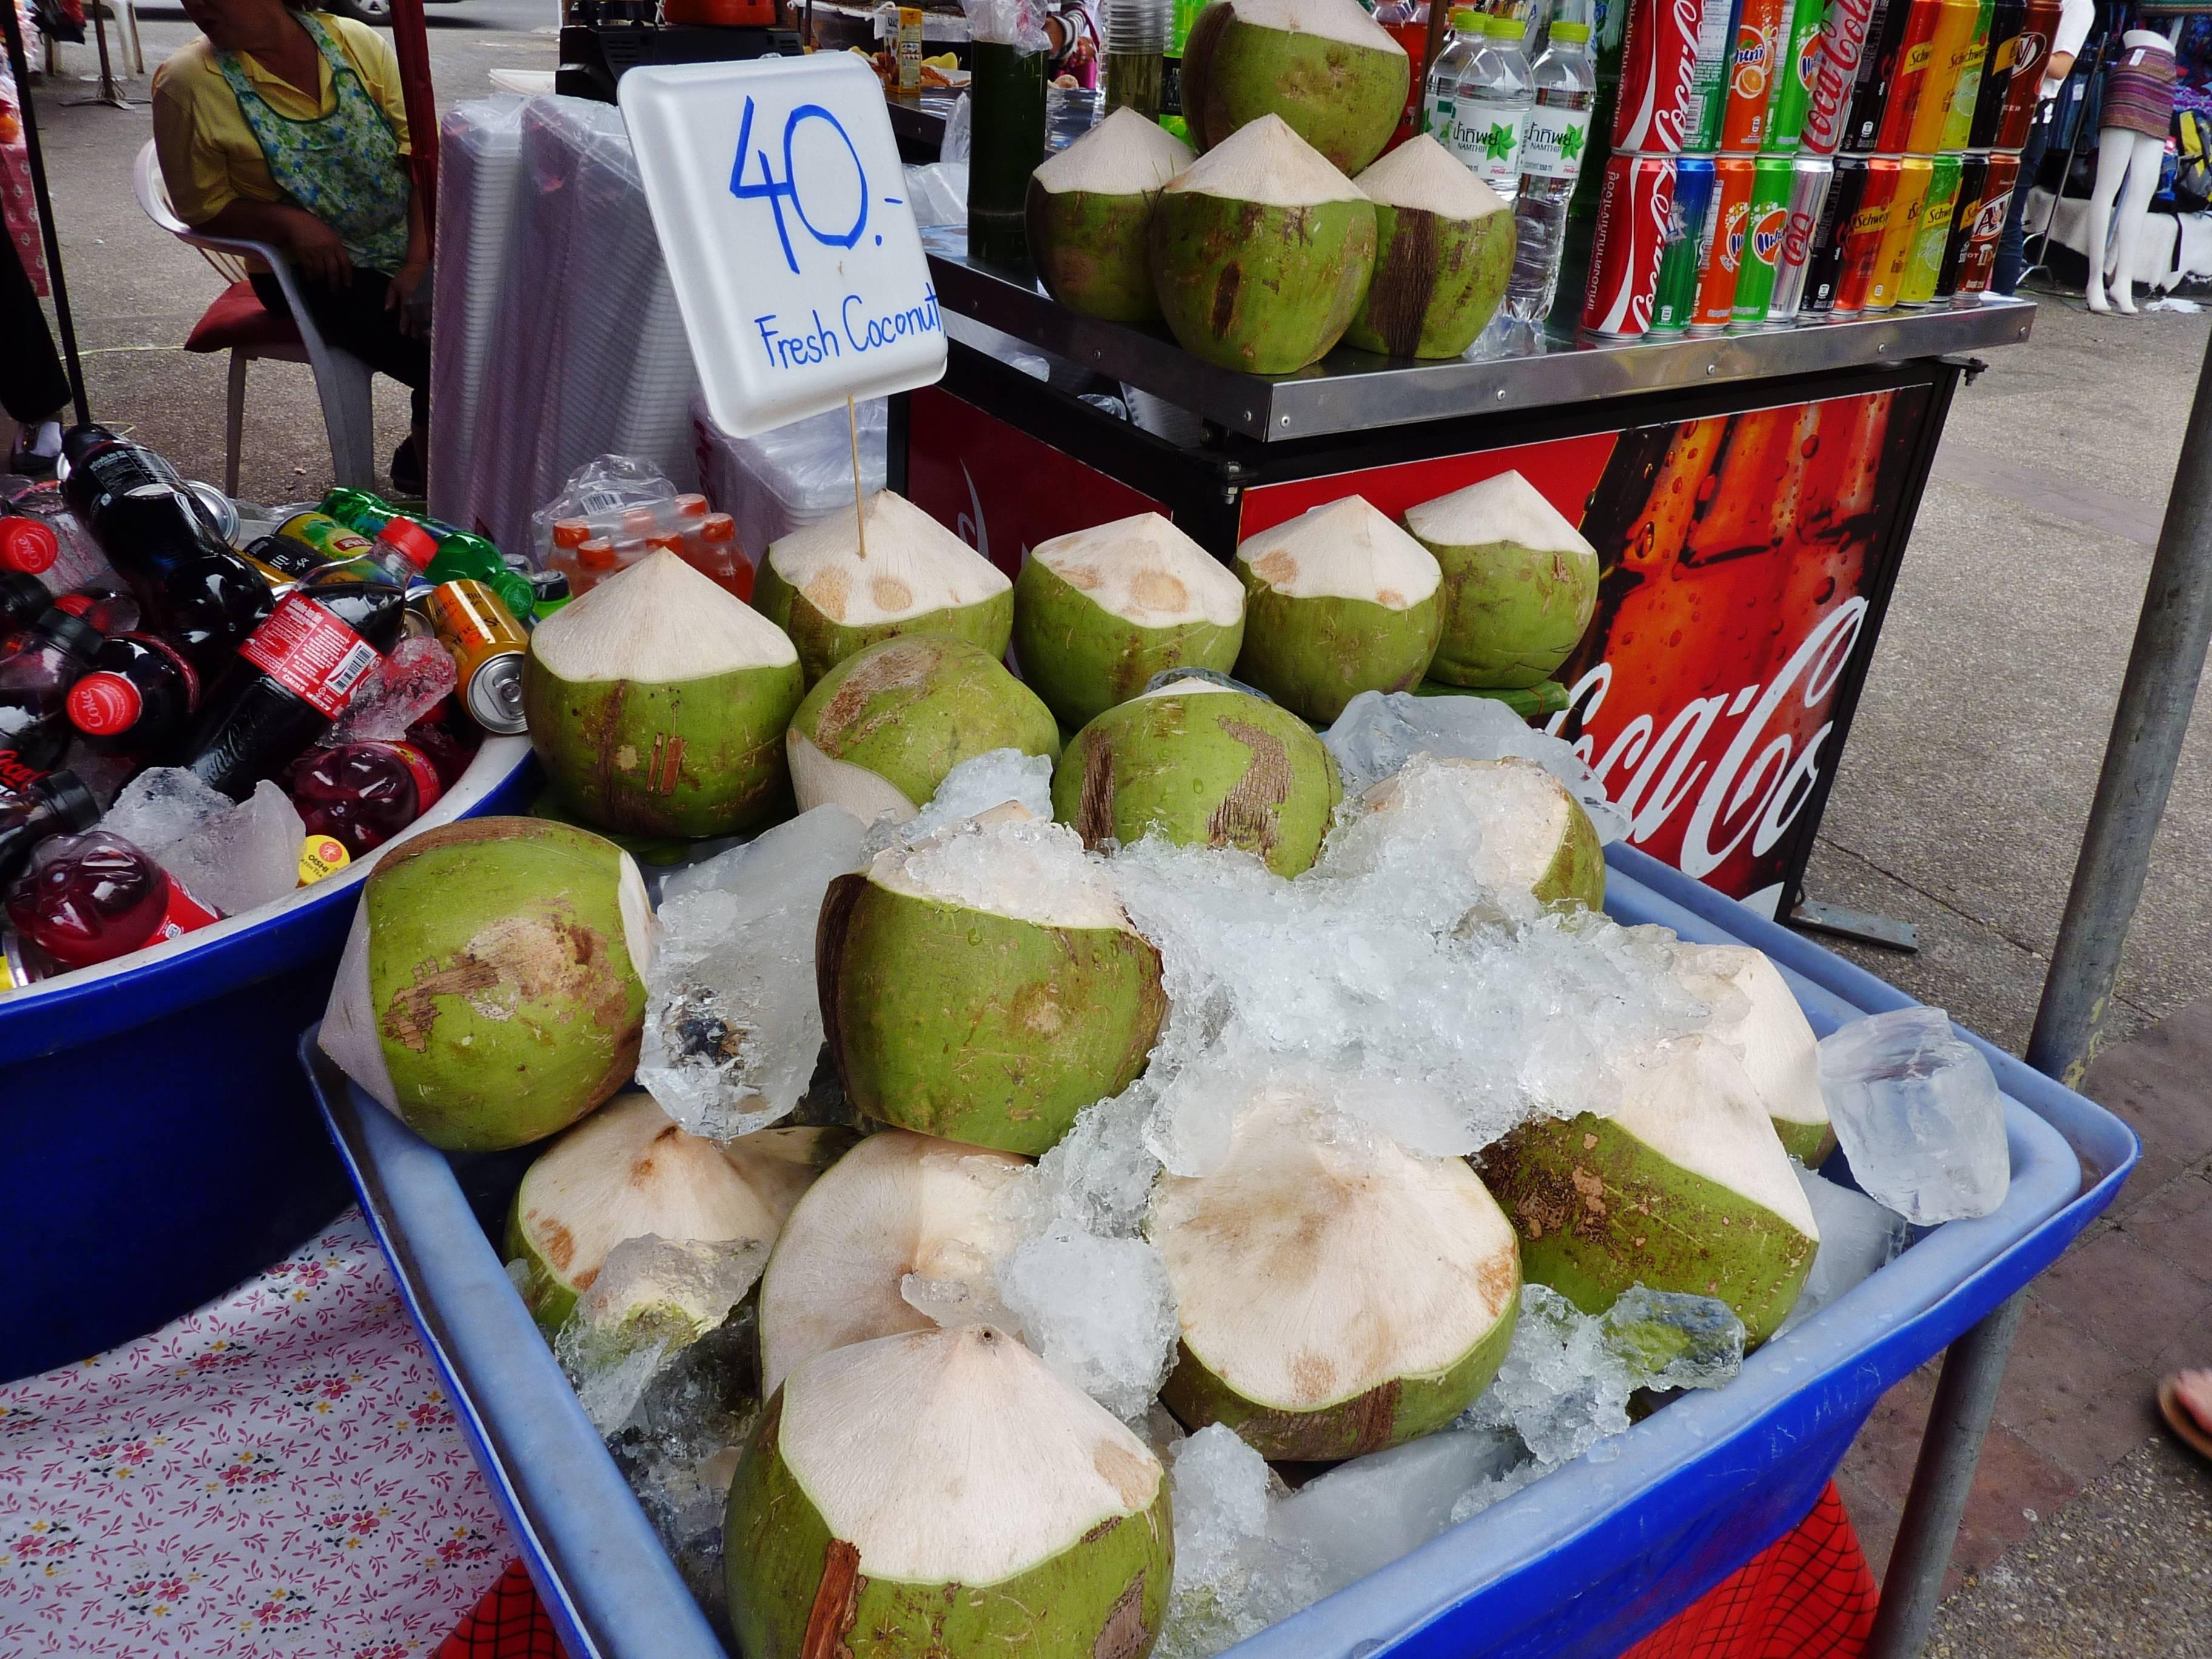 Photo 3: les marchés de Chiang Mai